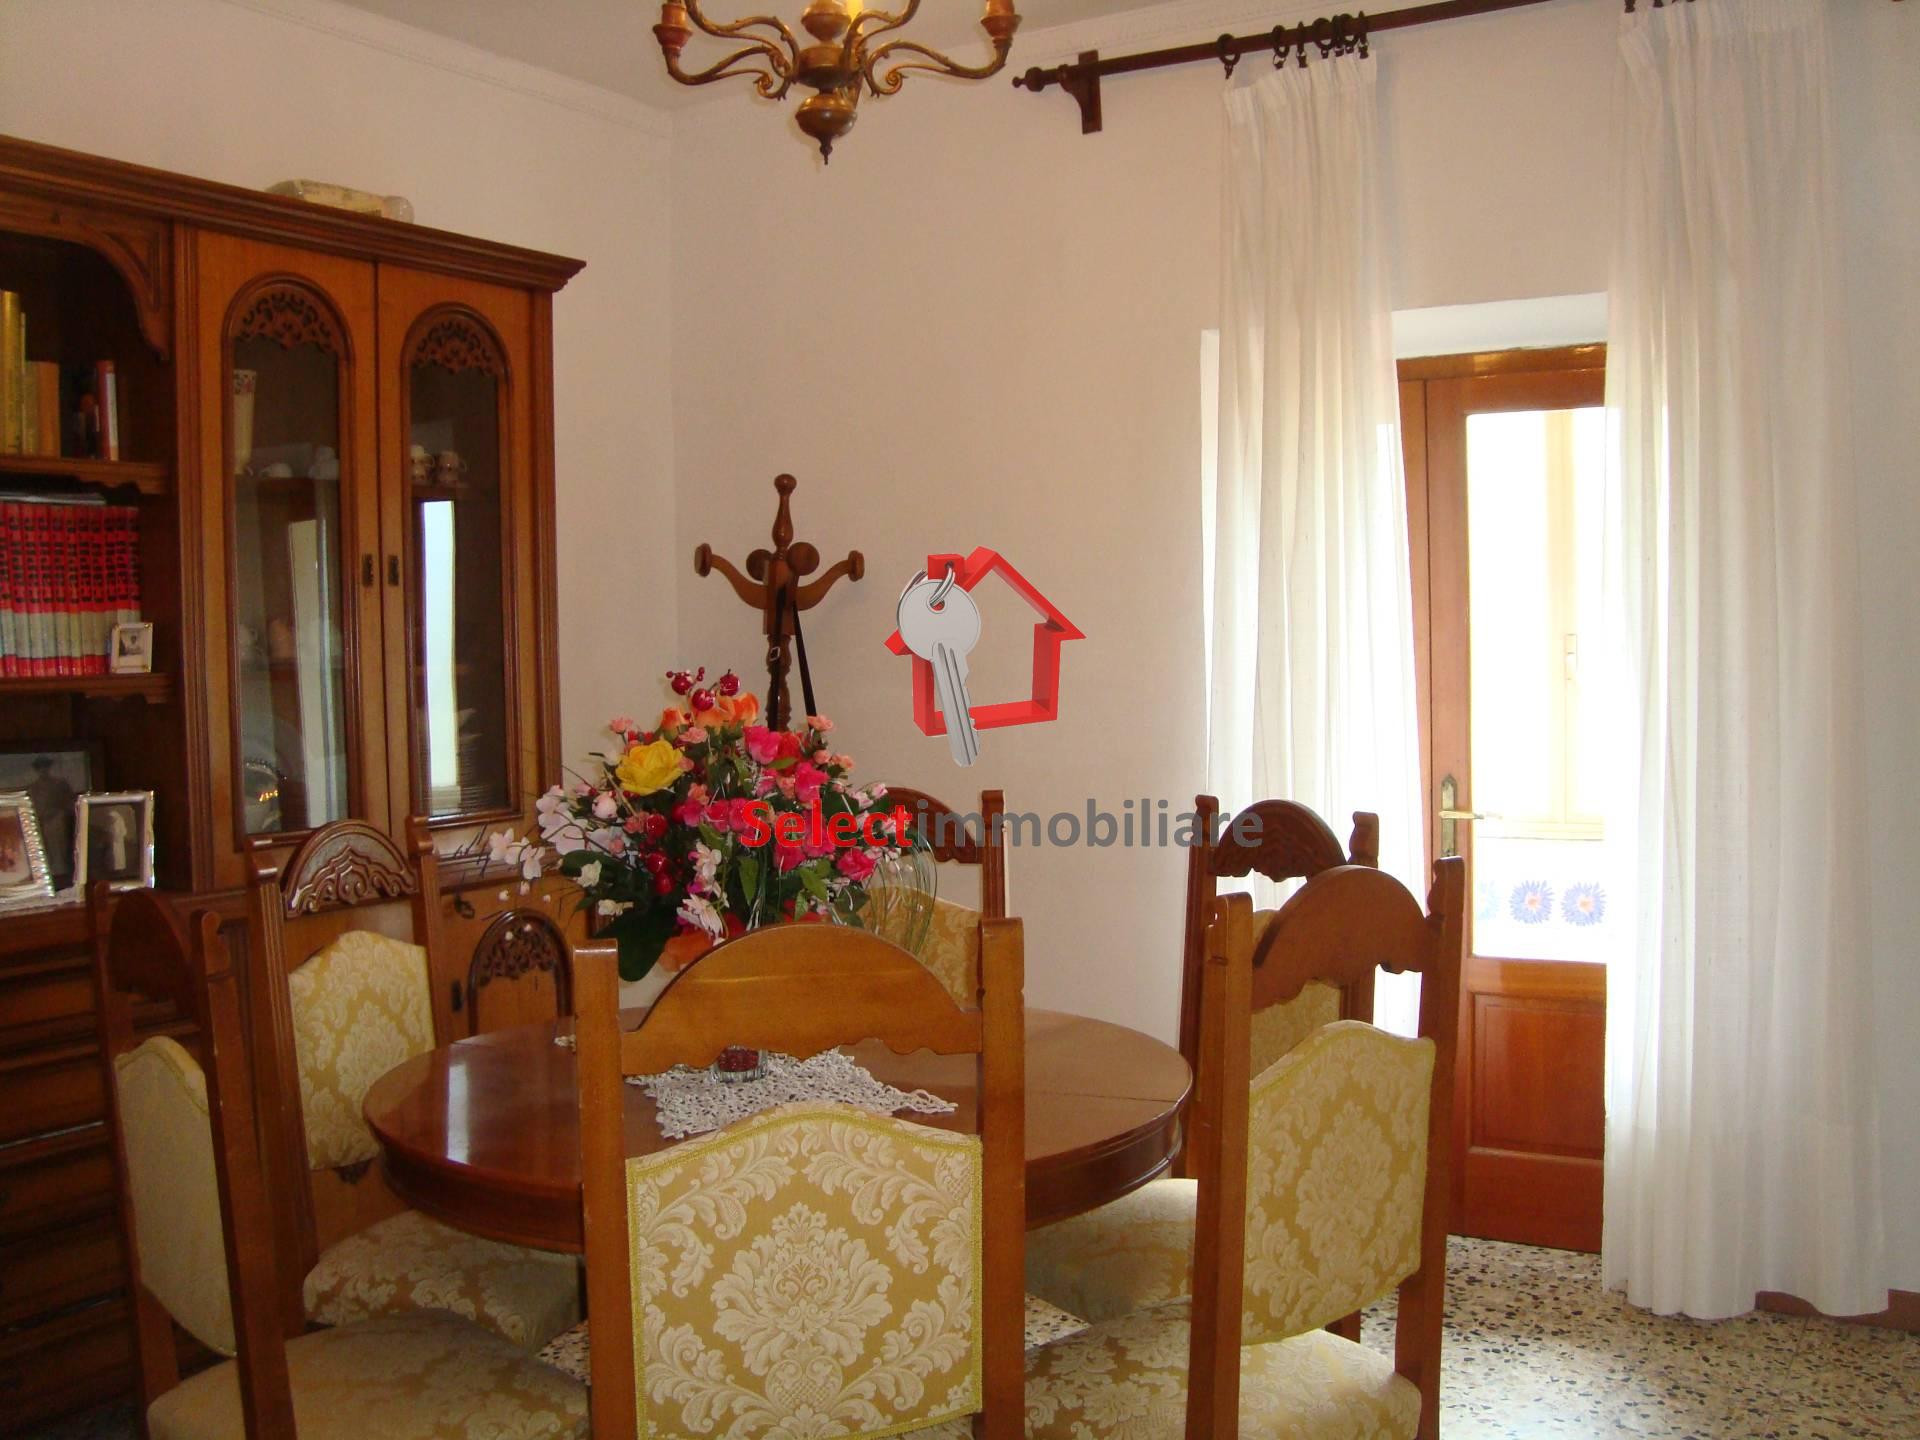 Appartamento in vendita a Barga, 5 locali, zona Località: FornacidiBarga, prezzo € 85.000 | CambioCasa.it